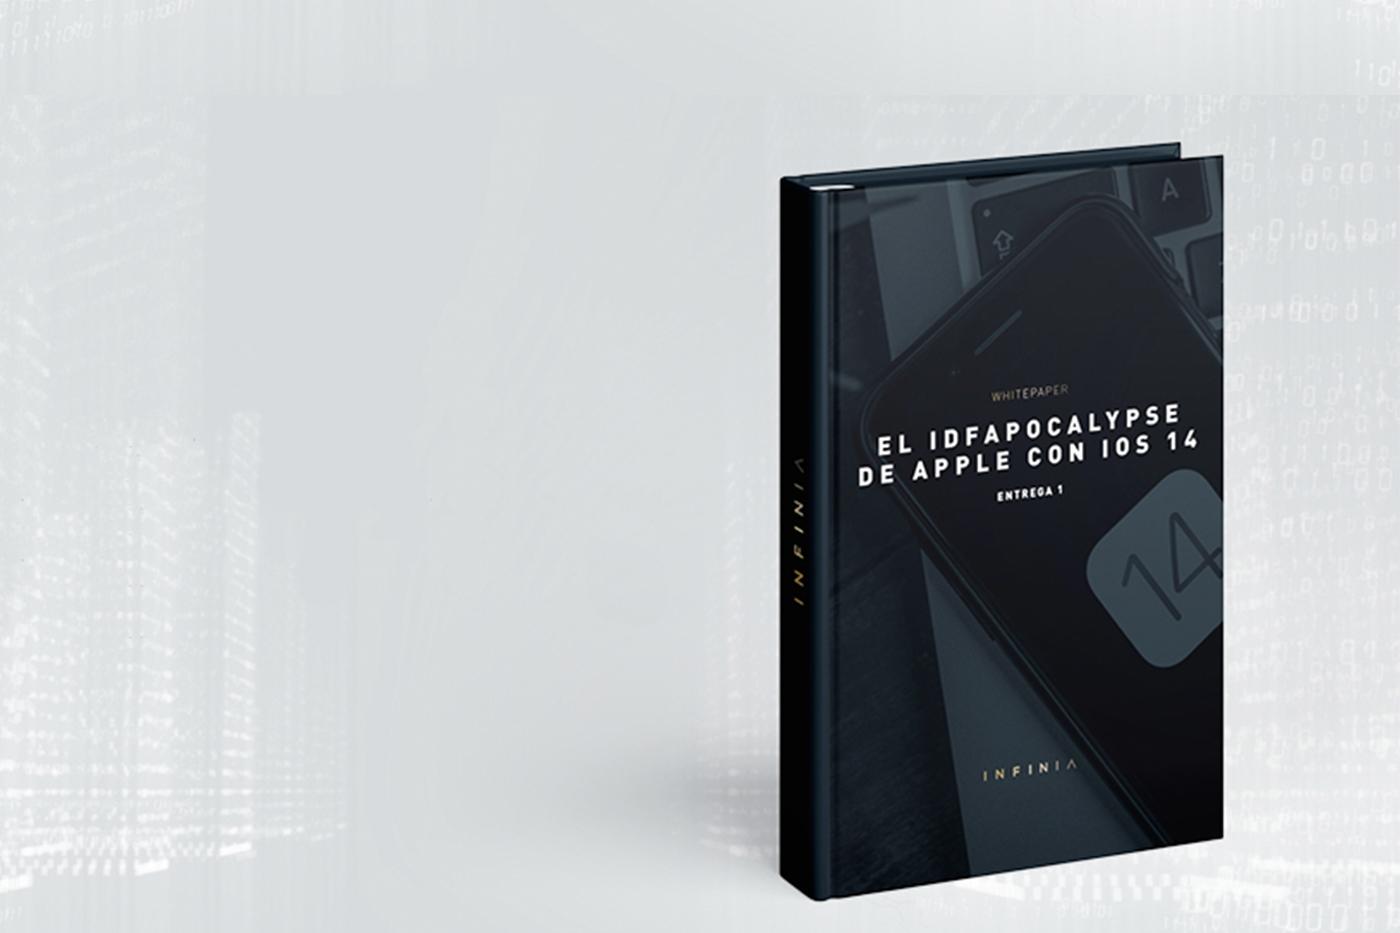 Infinia lanza el whitepaper sobre las claves de la nueva privacidad de Apple